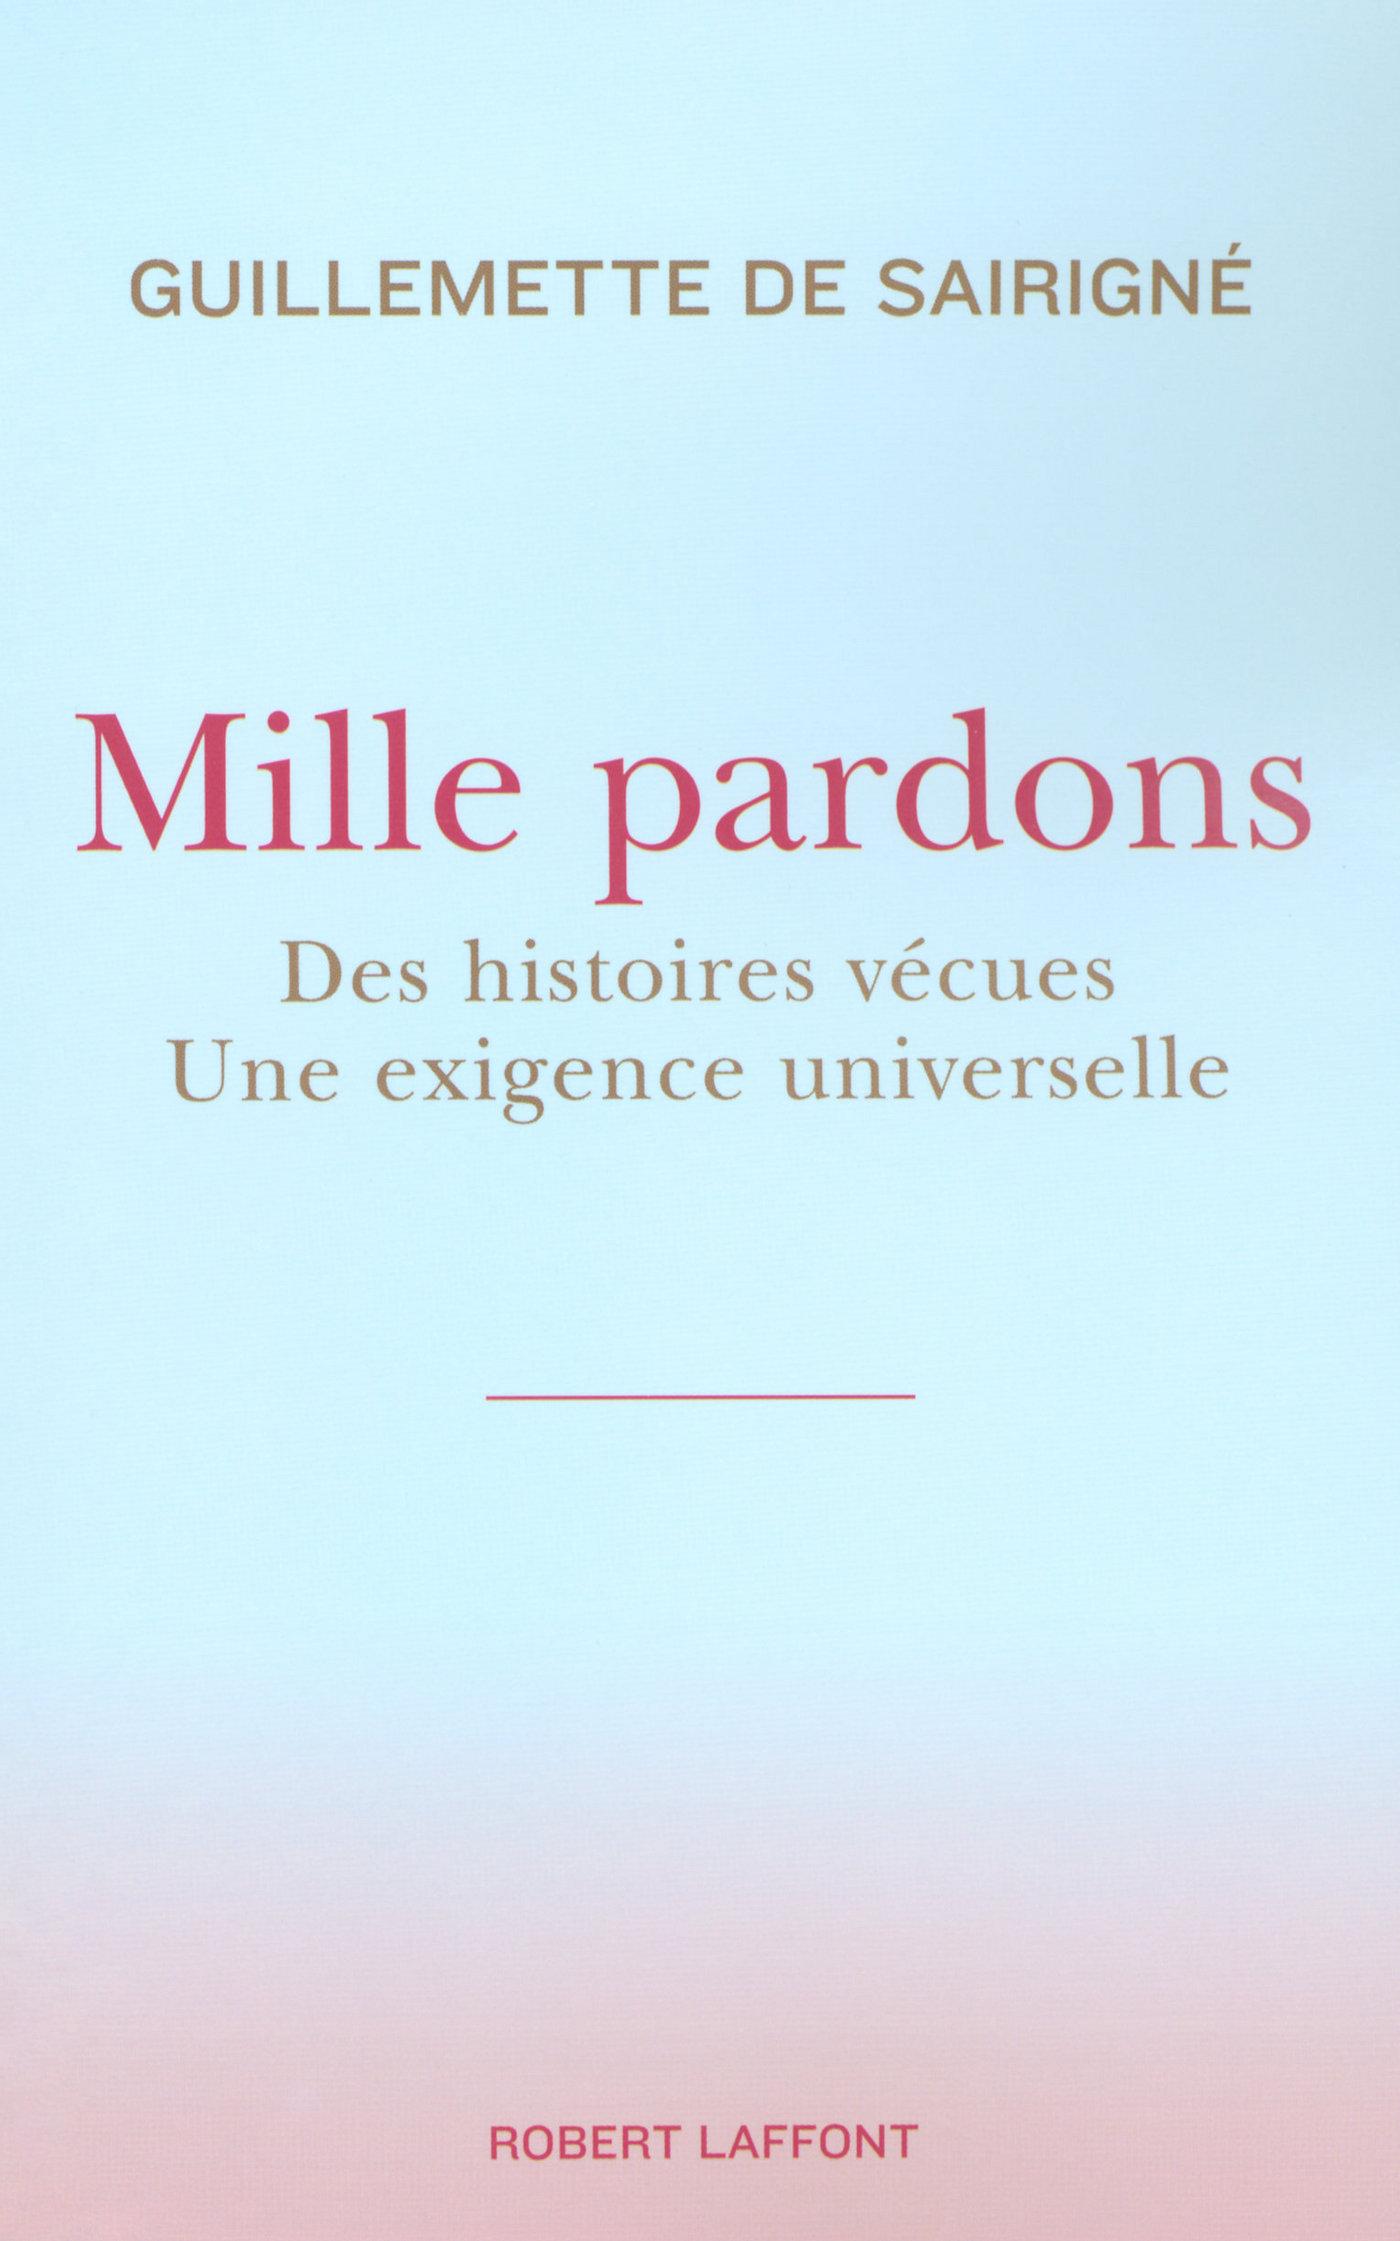 Mille pardons